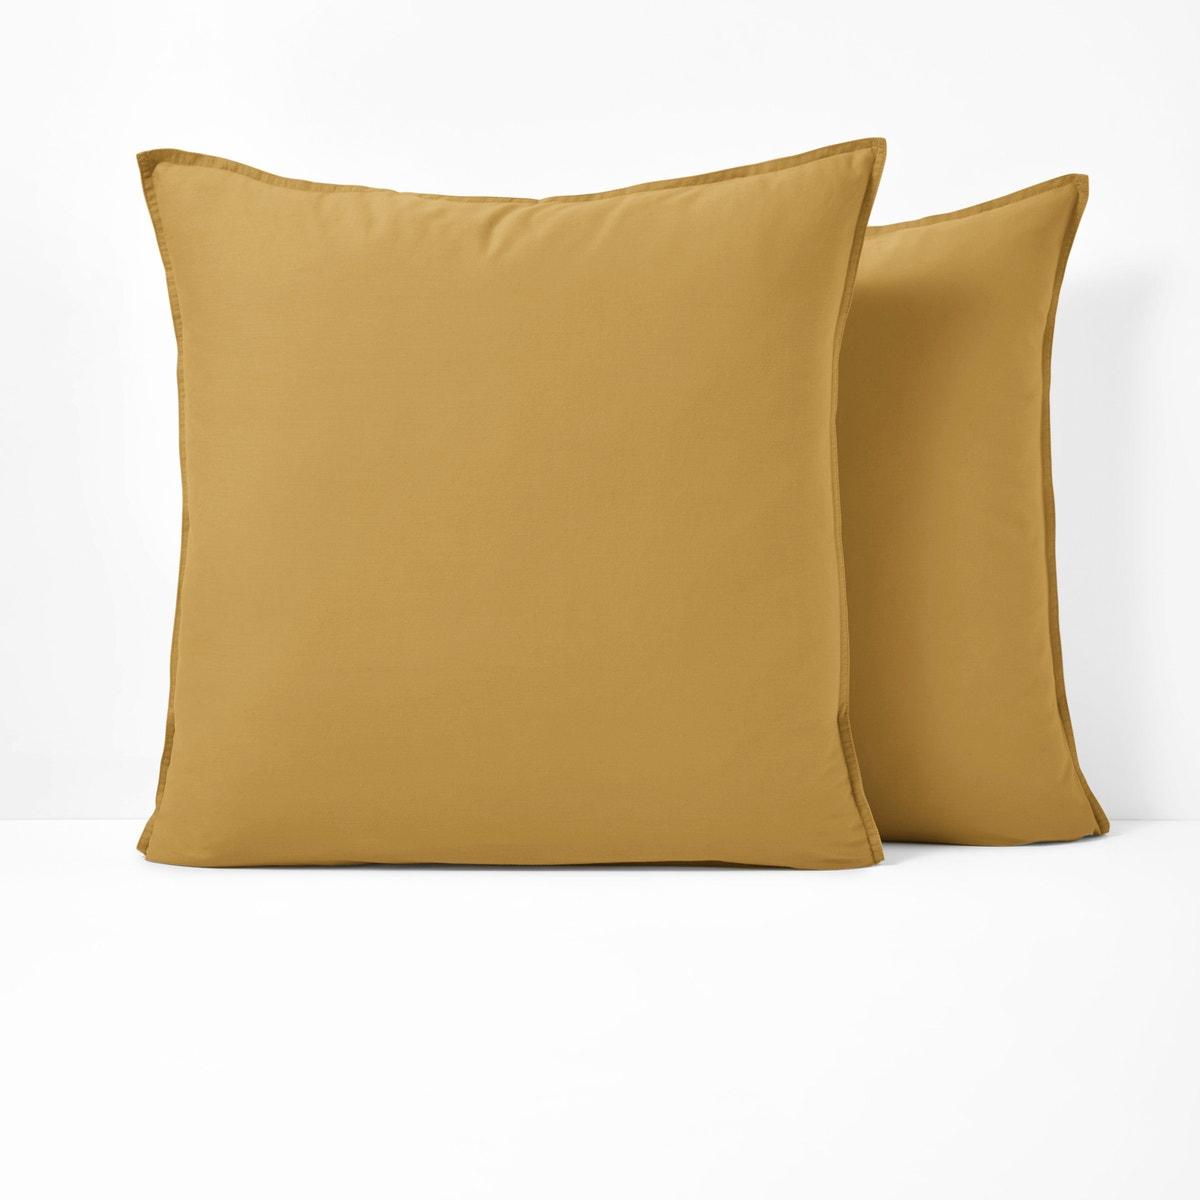 La Redoute Interieurs Unisex Washed Cotton Pillowcase 350106234